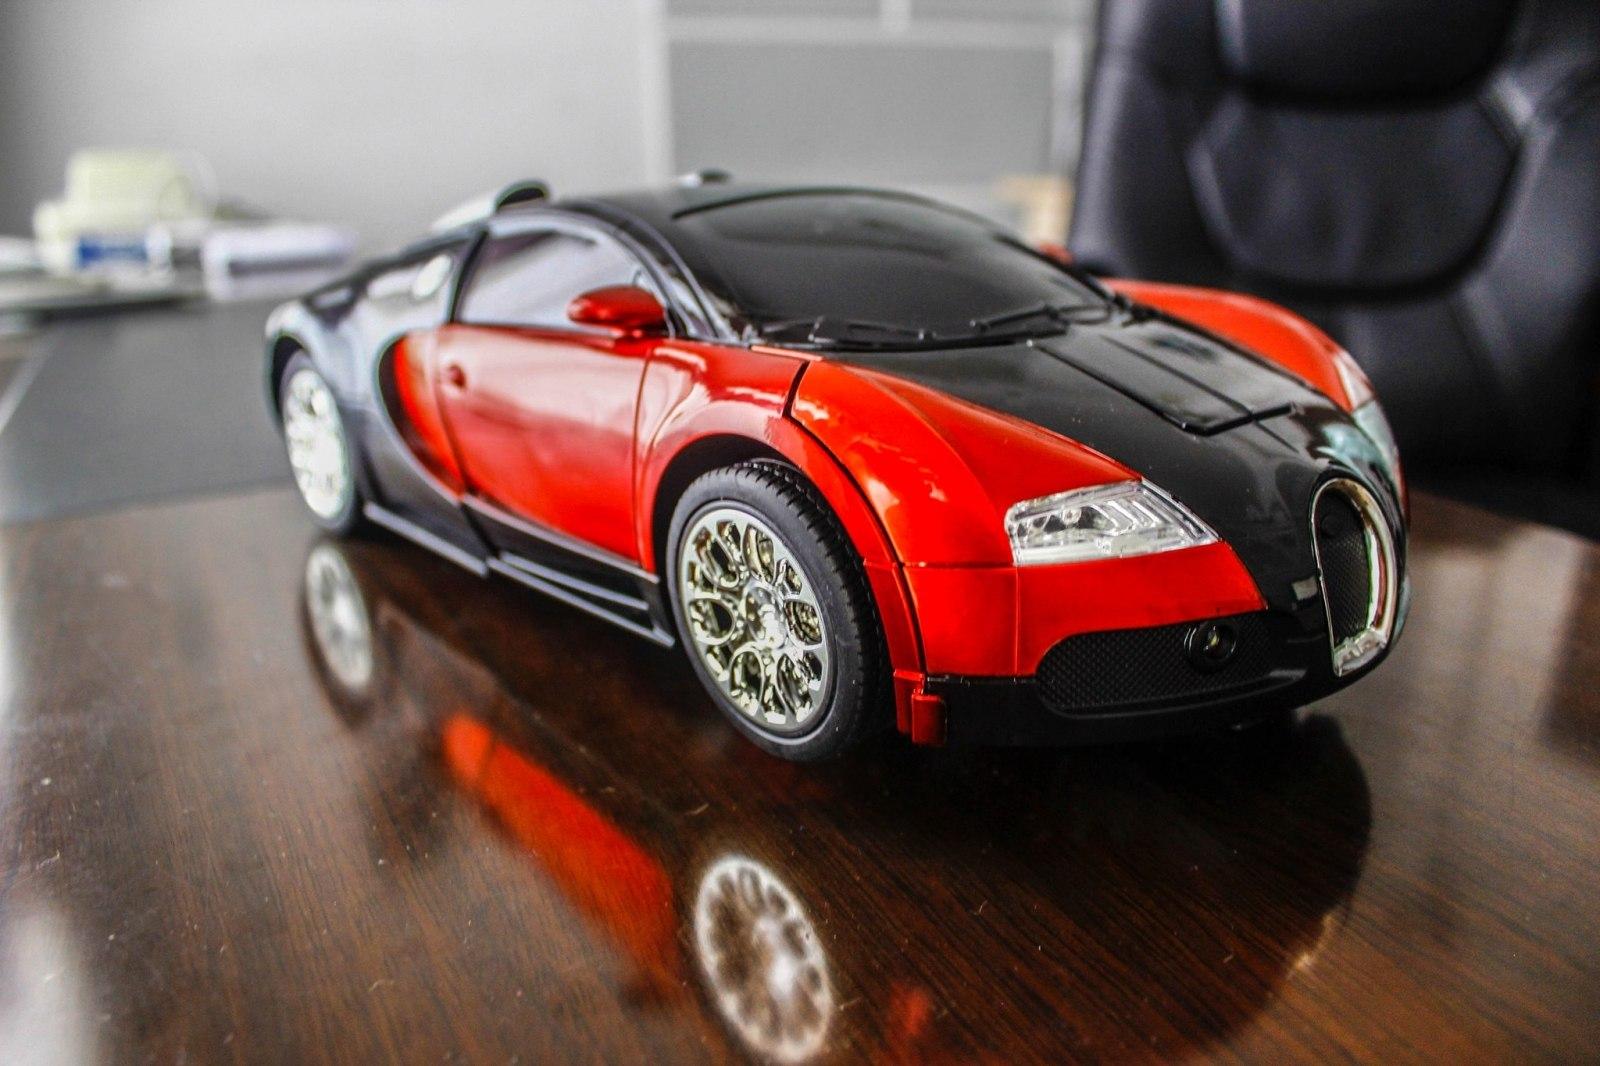 bán đồ chơi xe robot biến hình giá rẻ đẹp ở tphcm 005